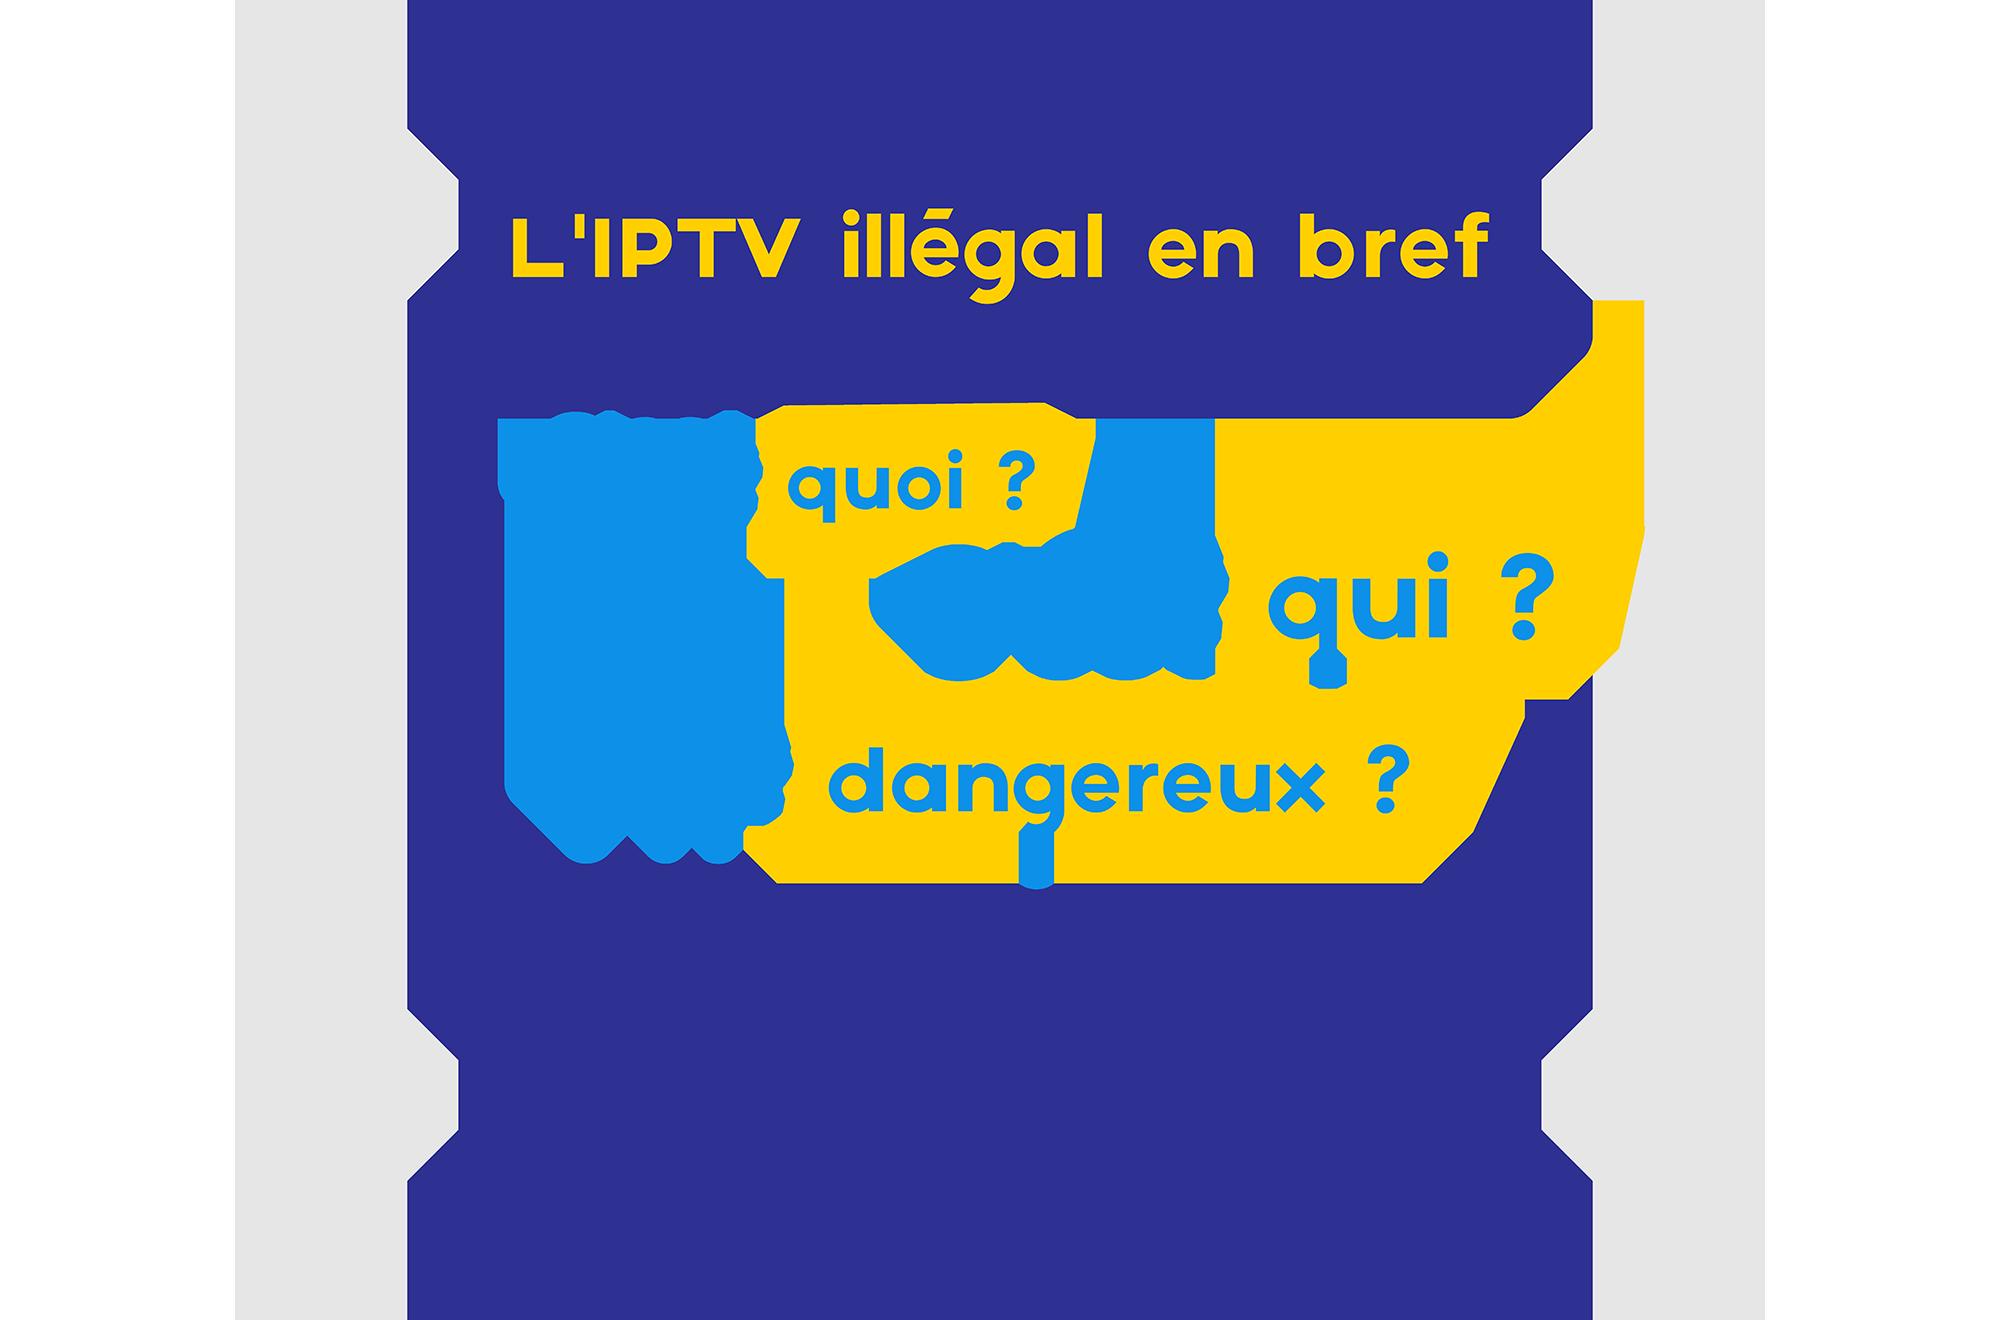 IPTV illegal